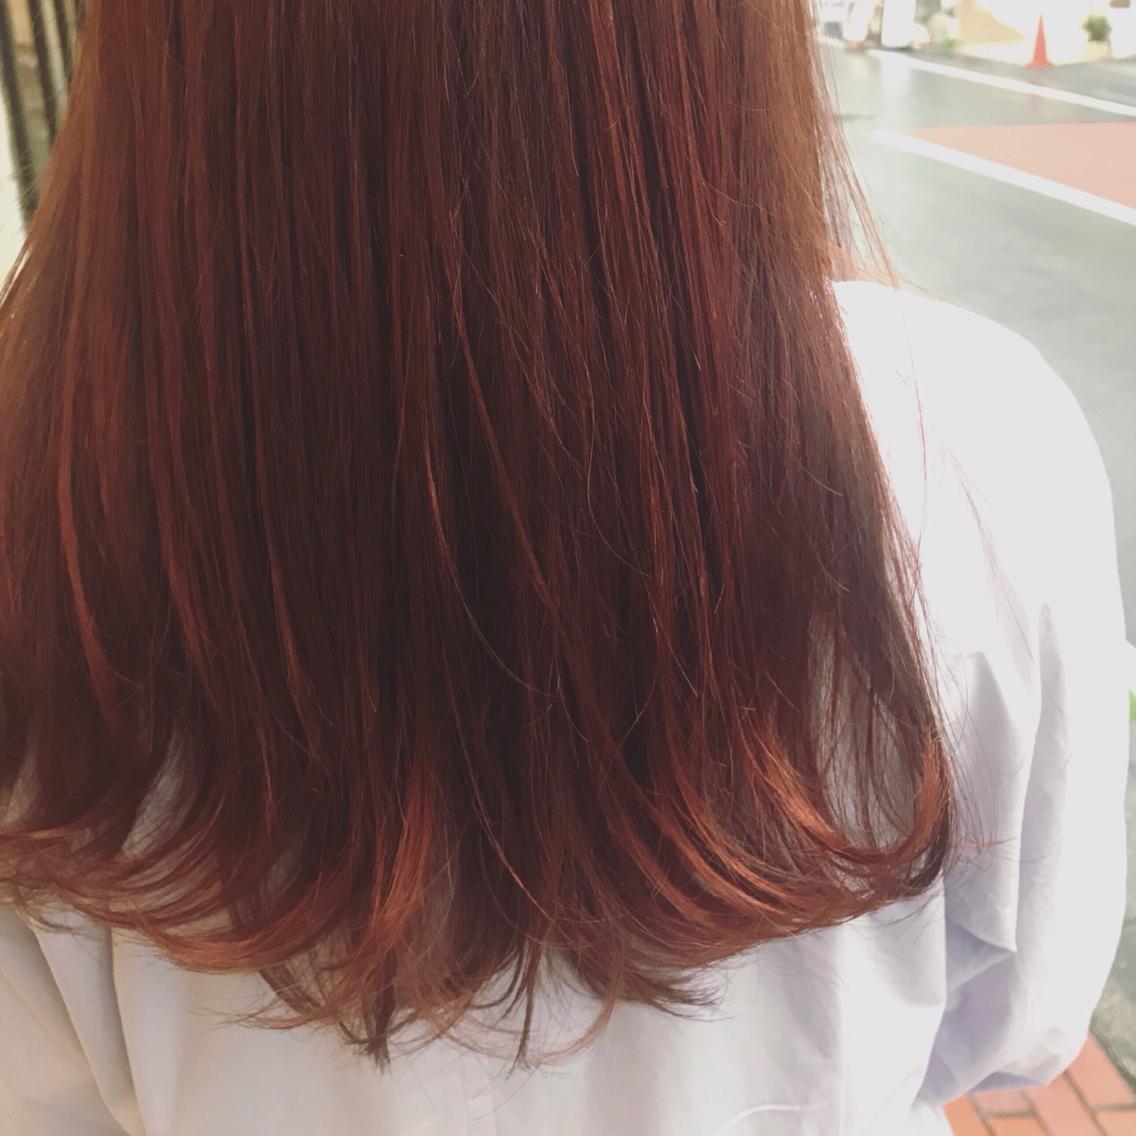 #ロング #カラー 🍊🍊🍊暖色すきです、得意です🍊暖色は積み重ねる程色持ちがよくなるのと、ツヤが出ます🍊🍊🍊